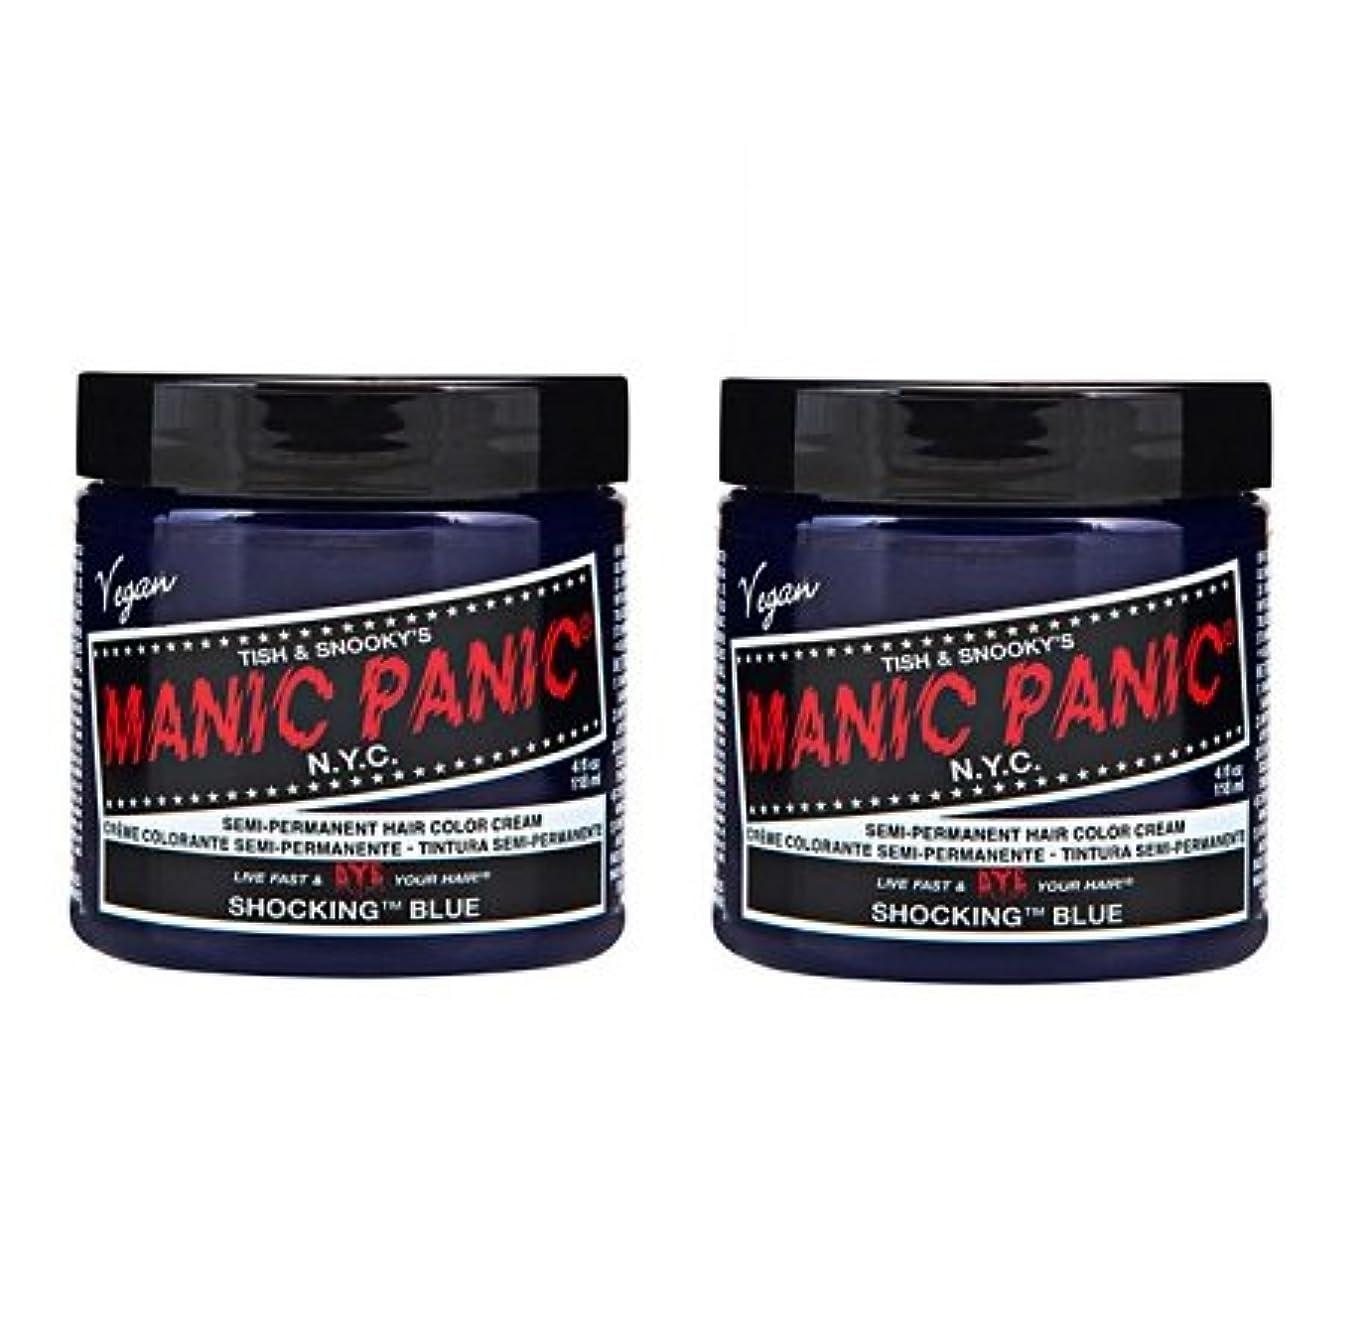 噴火最大限油【2個セット】MANIC PANIC マニックパニック Shocking Blue ショッキングブルー 118ml